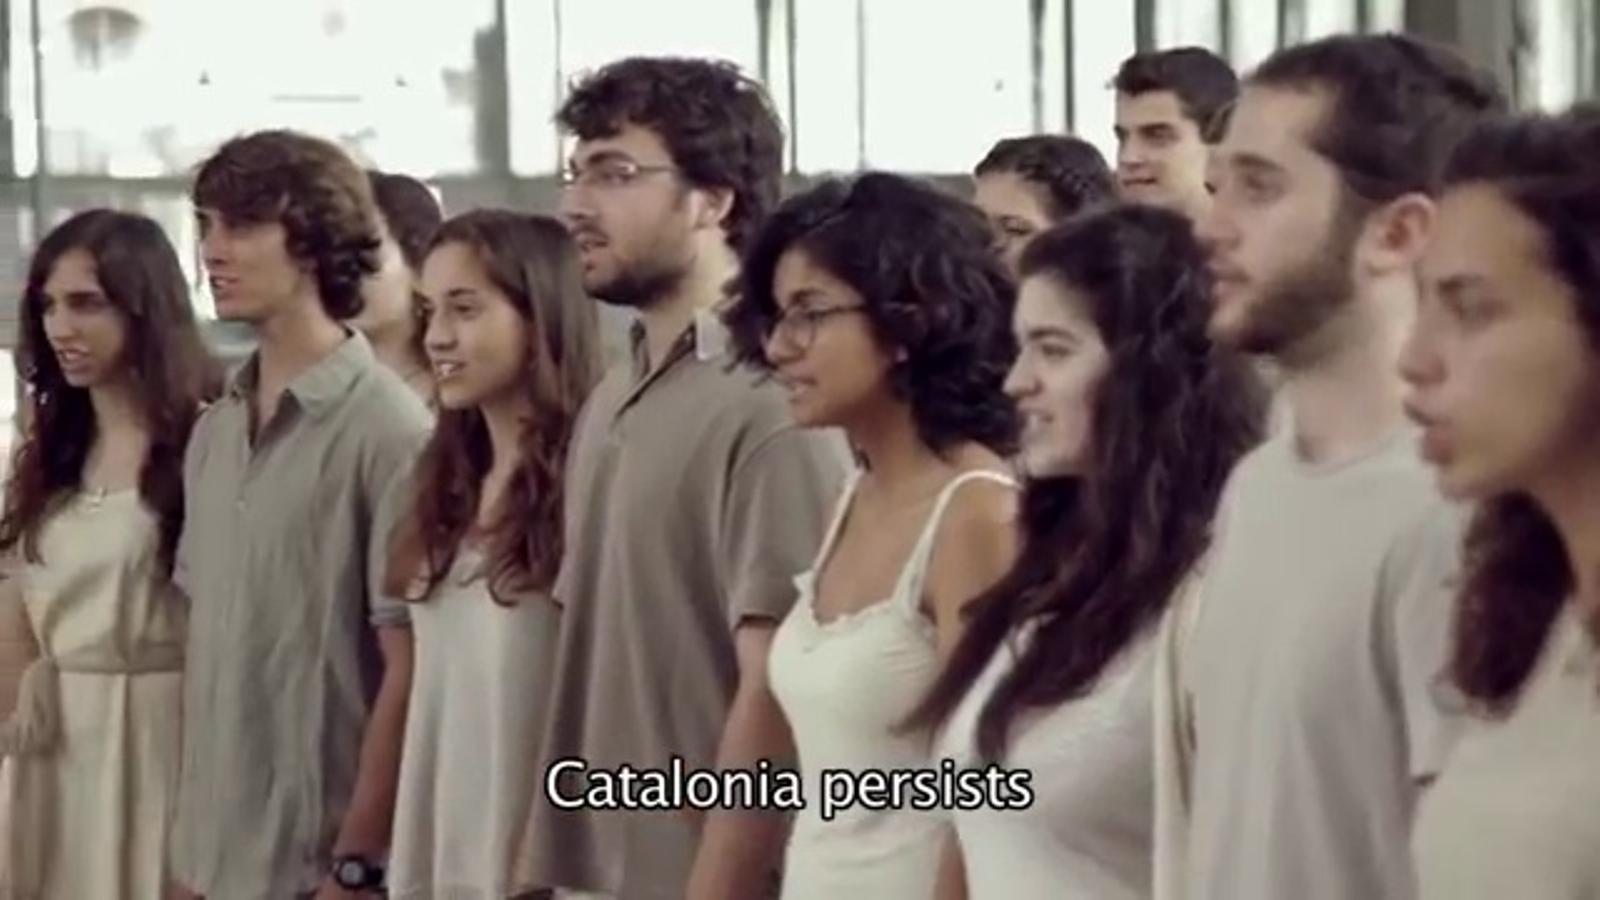 'Saule, Perkons, Daugava' interpretada pel Cor Jove de l'Orfeó Català